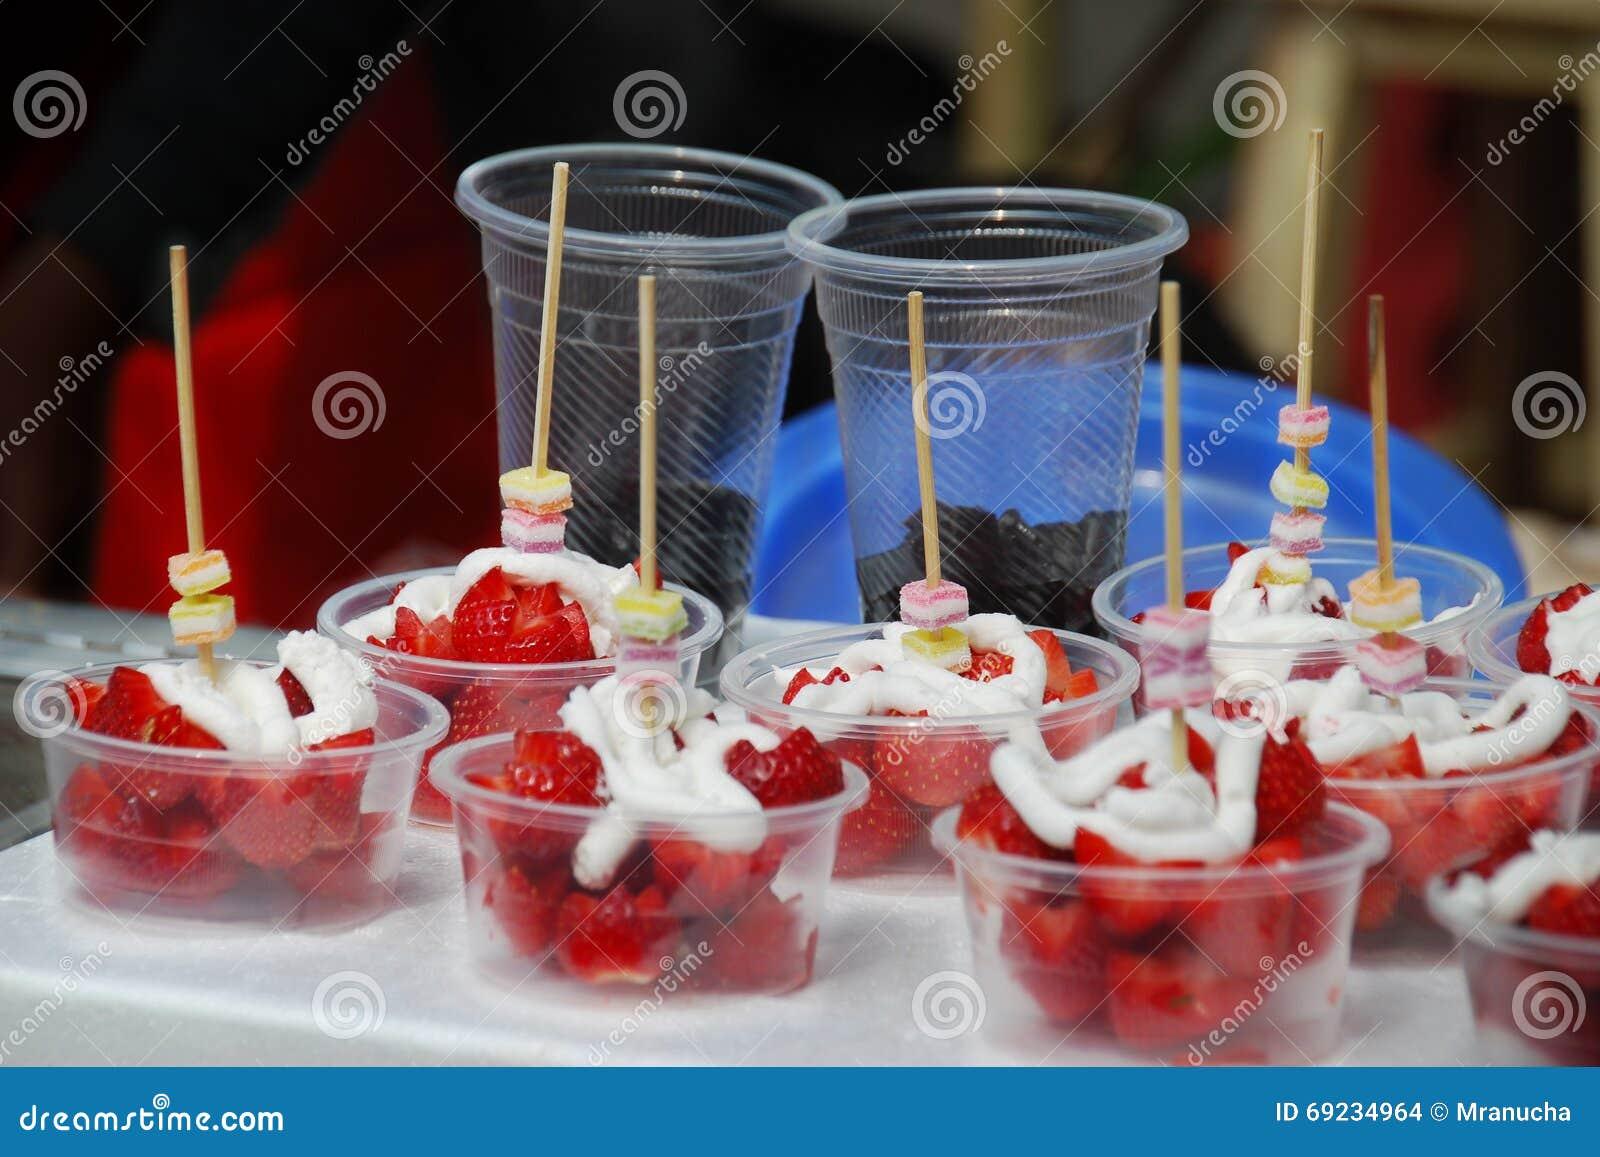 Γλυκό επιδόρπιο, φρέσκια φράουλα και ζωηρόχρωμη ζελατίνα με το κτυπημένο κάλυμμα κρέμας